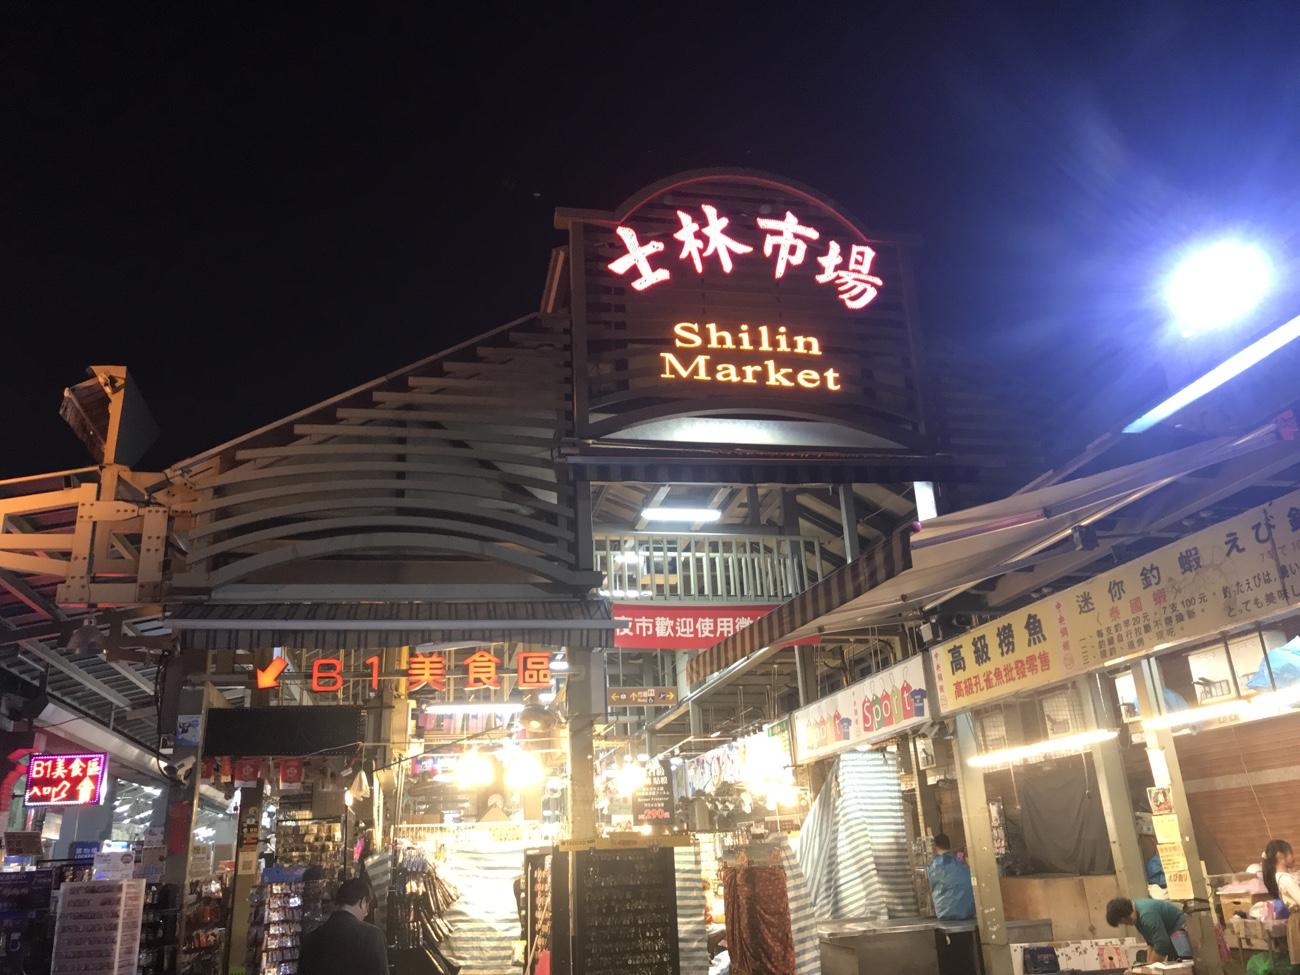 台湾グルメ食べ歩き 士林市場 台湾旅行ブログ